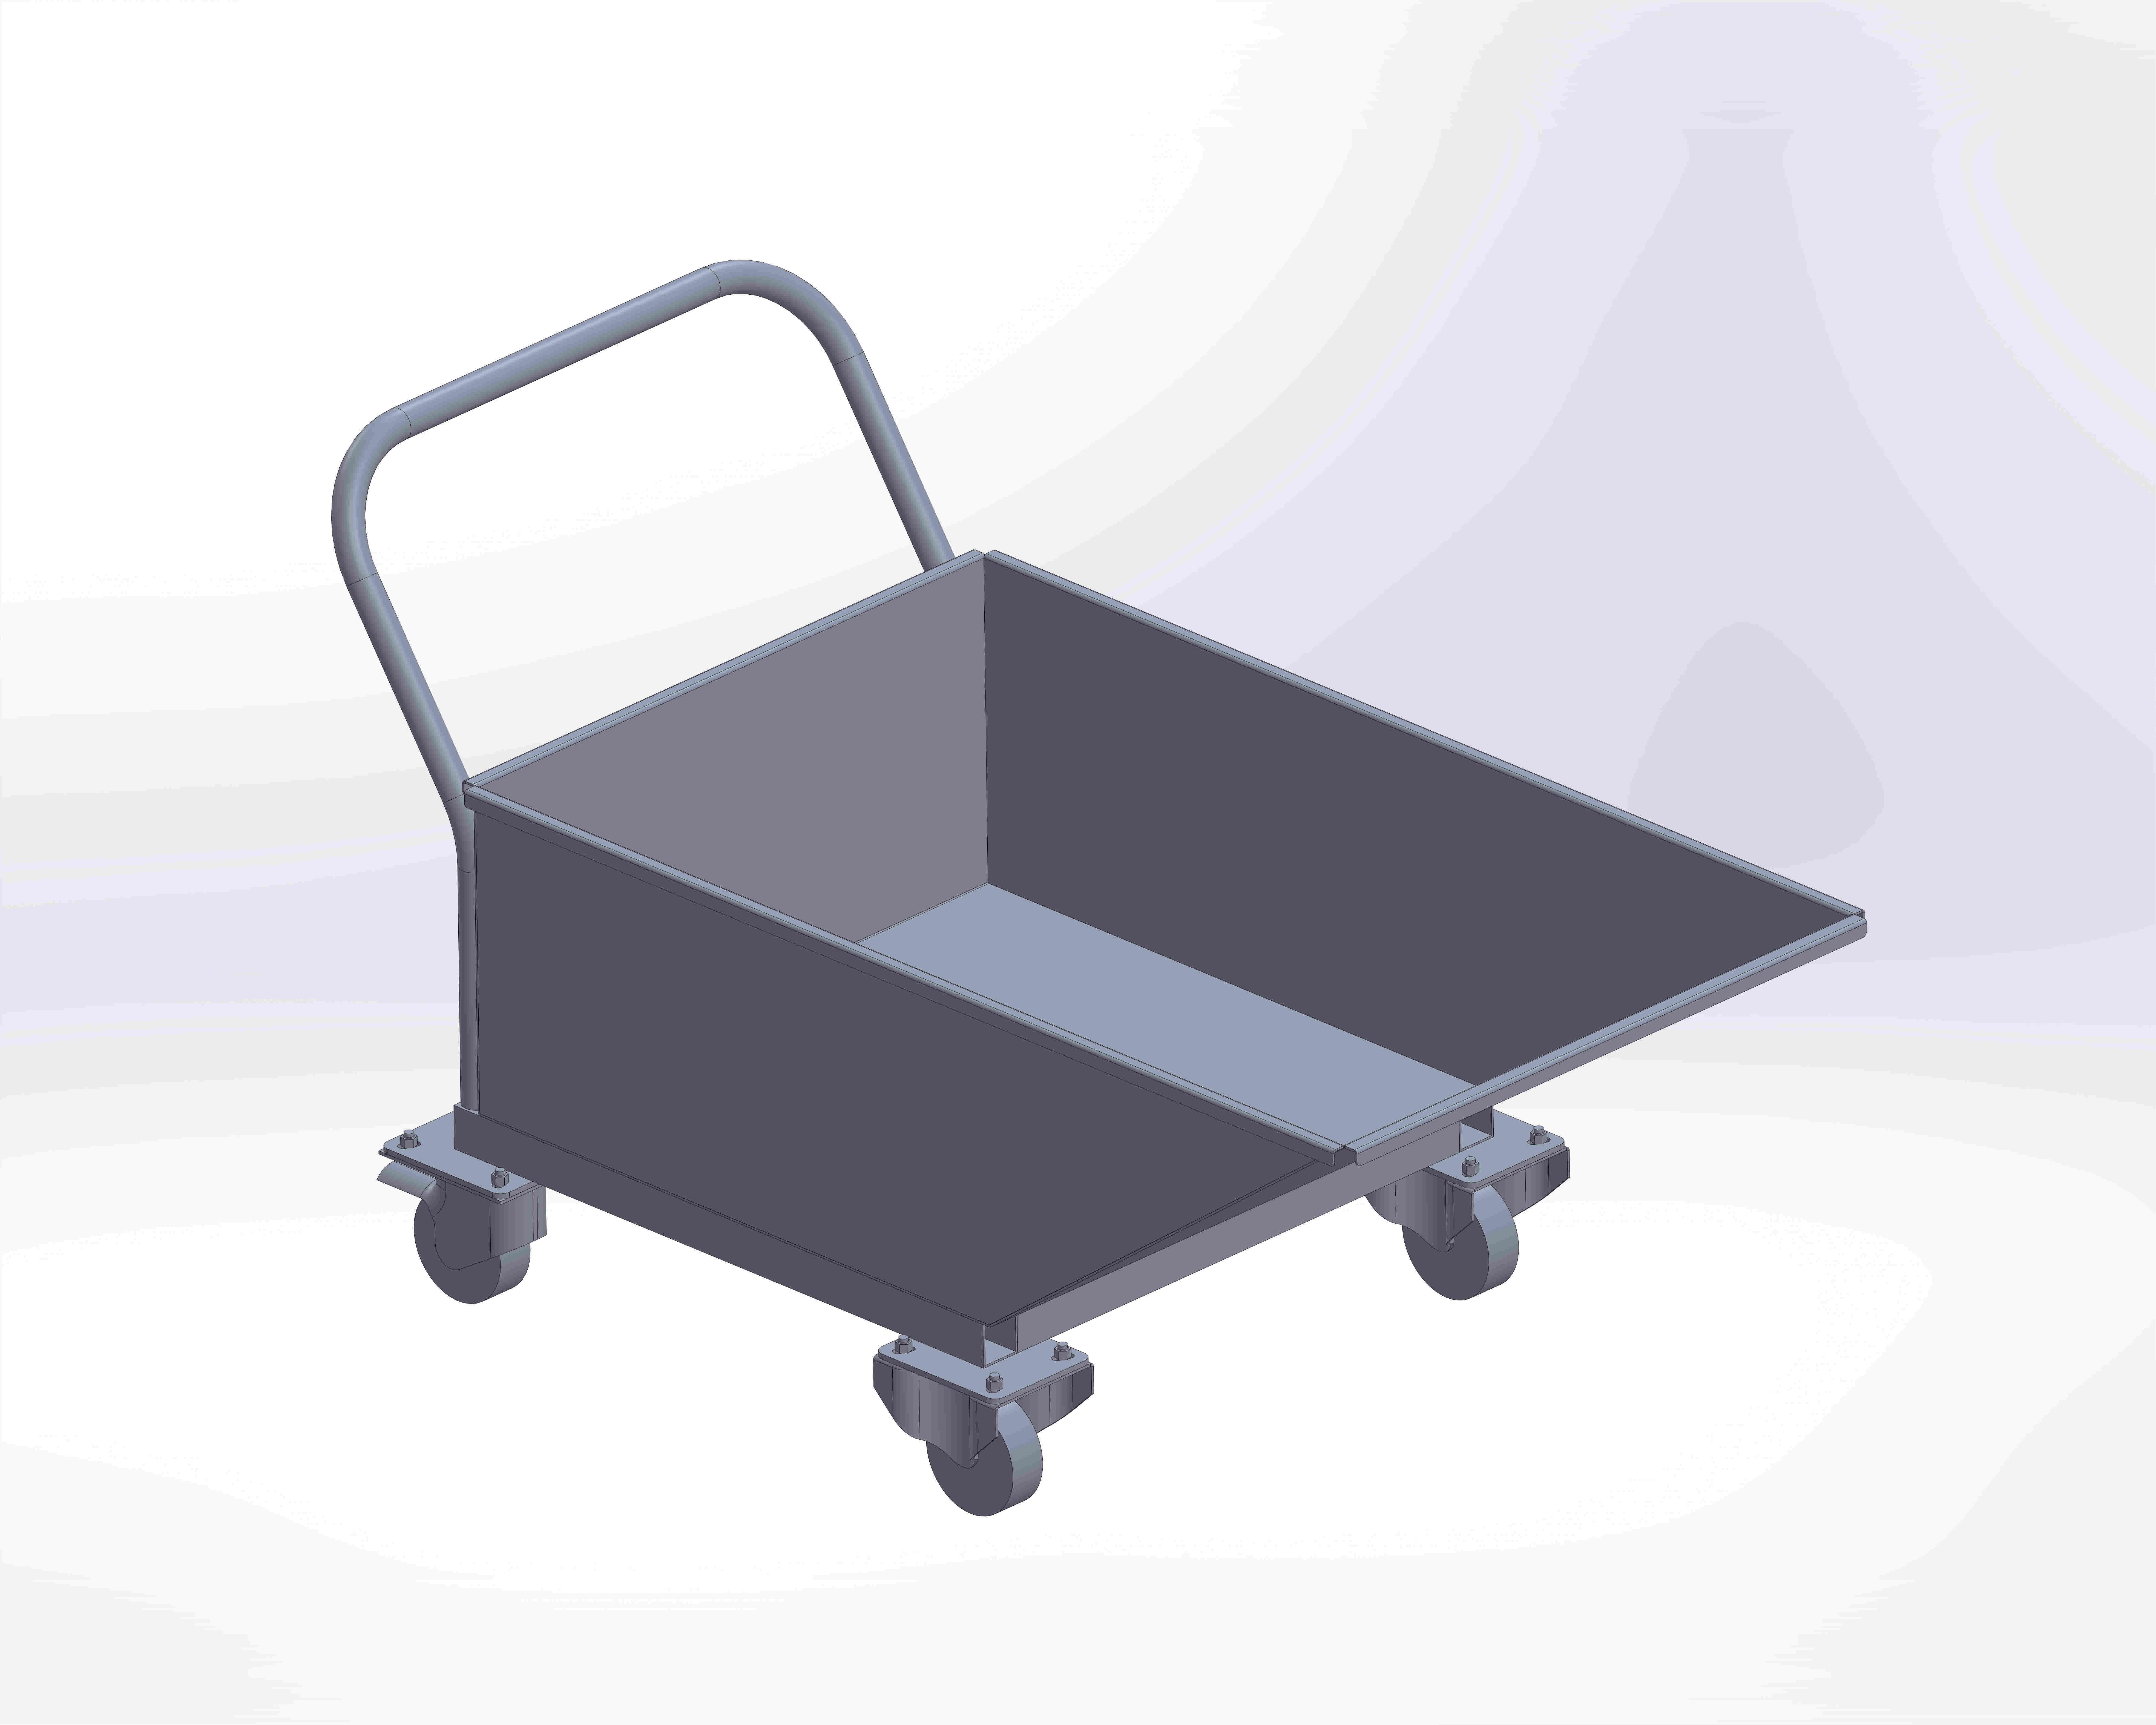 Offal Trolley